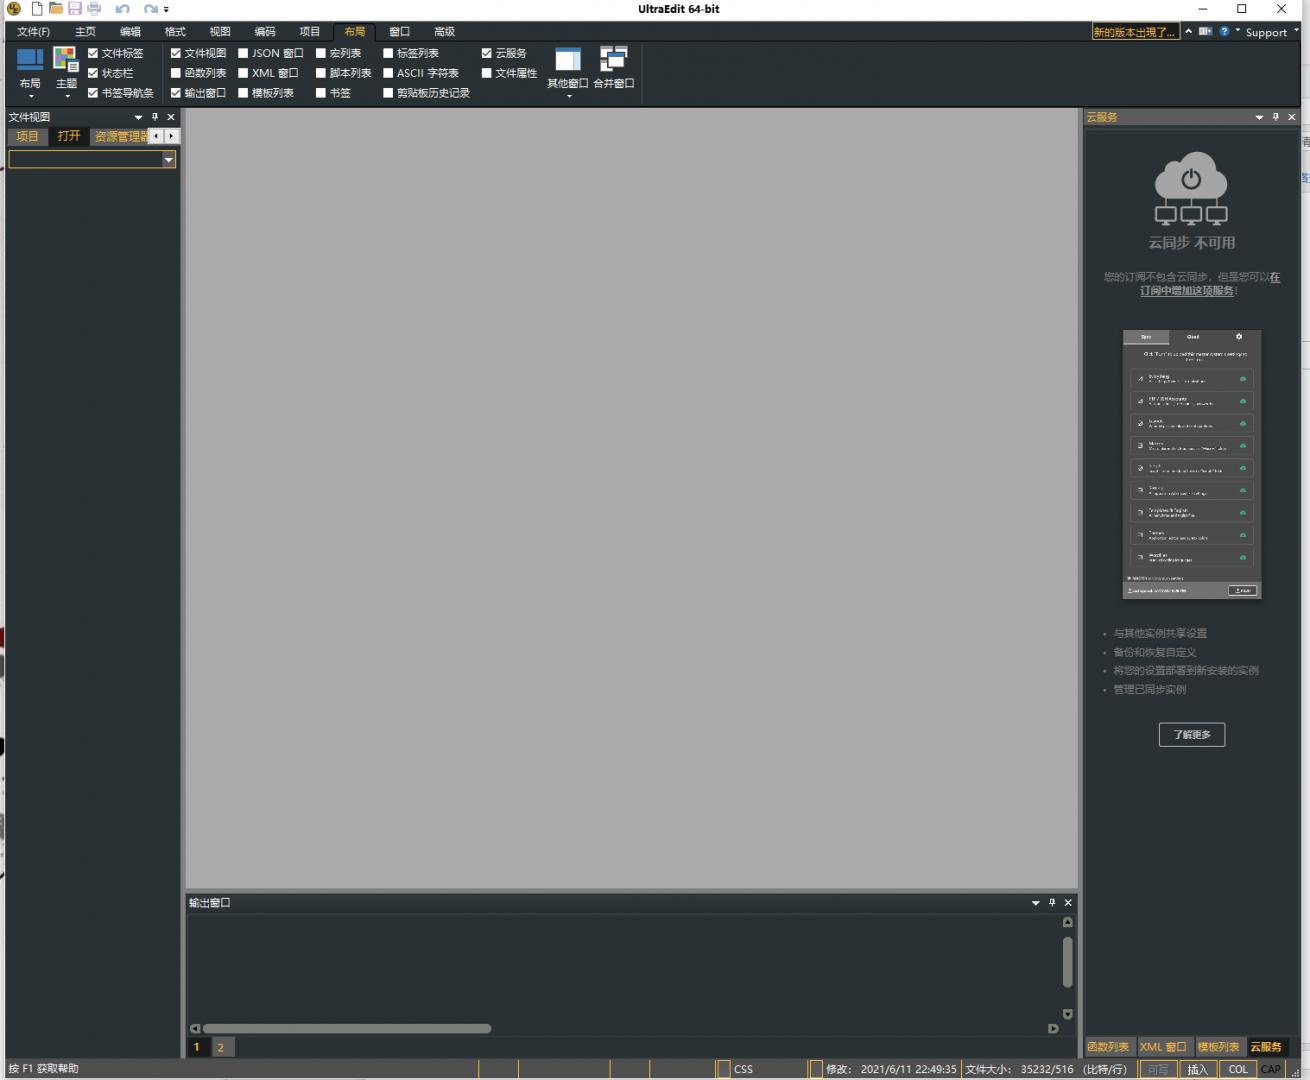 图片4:多窗口模式